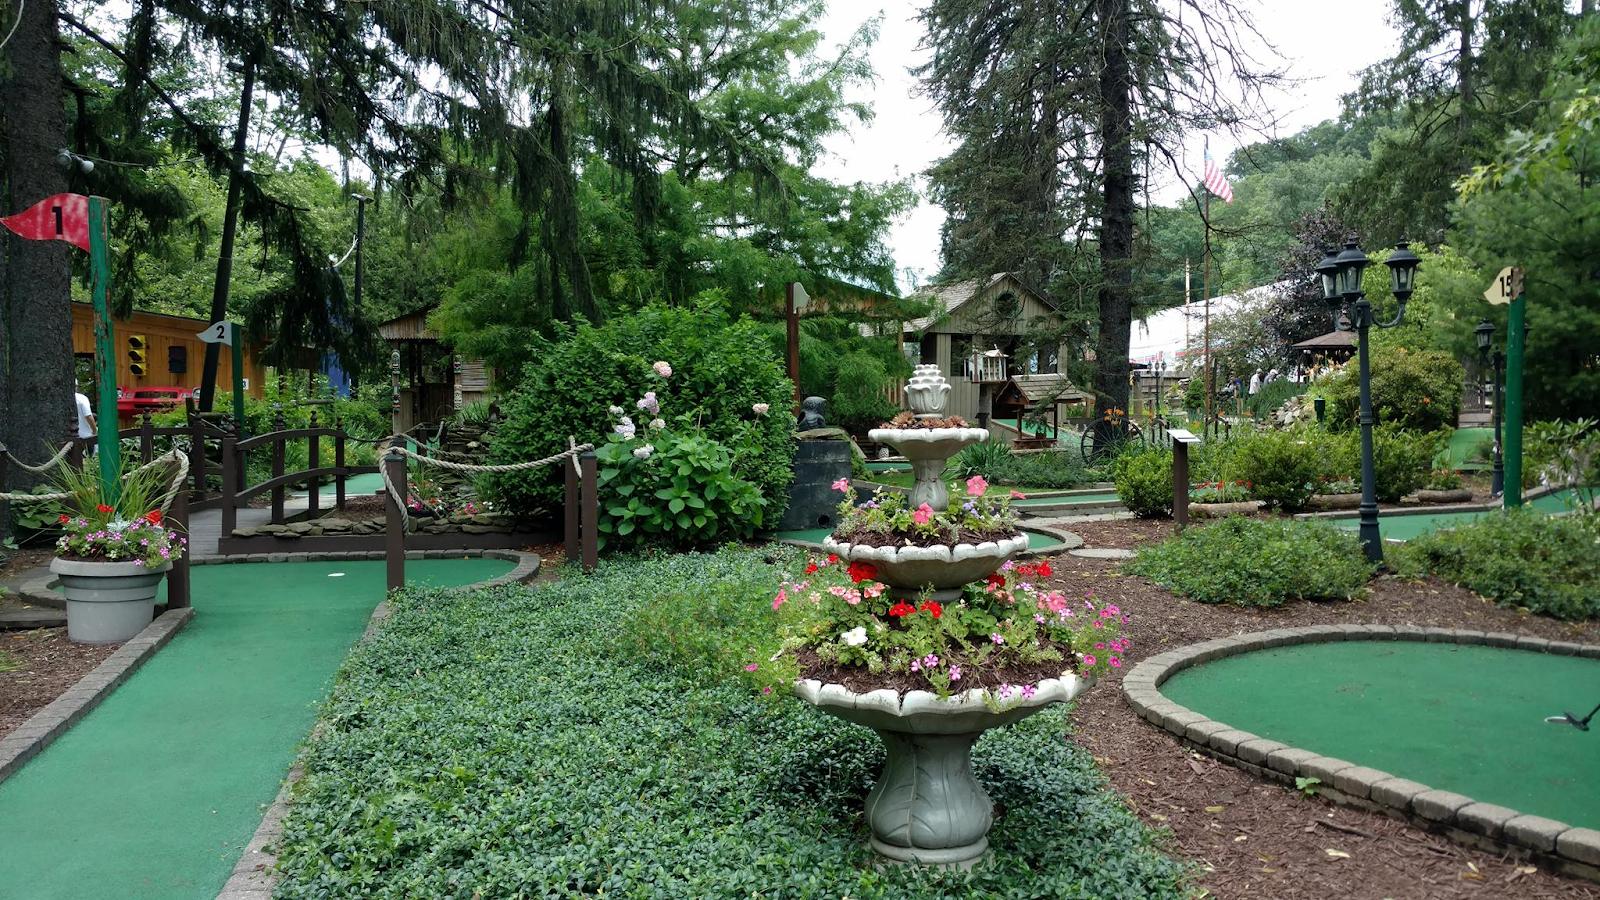 Kneiss' mini golf